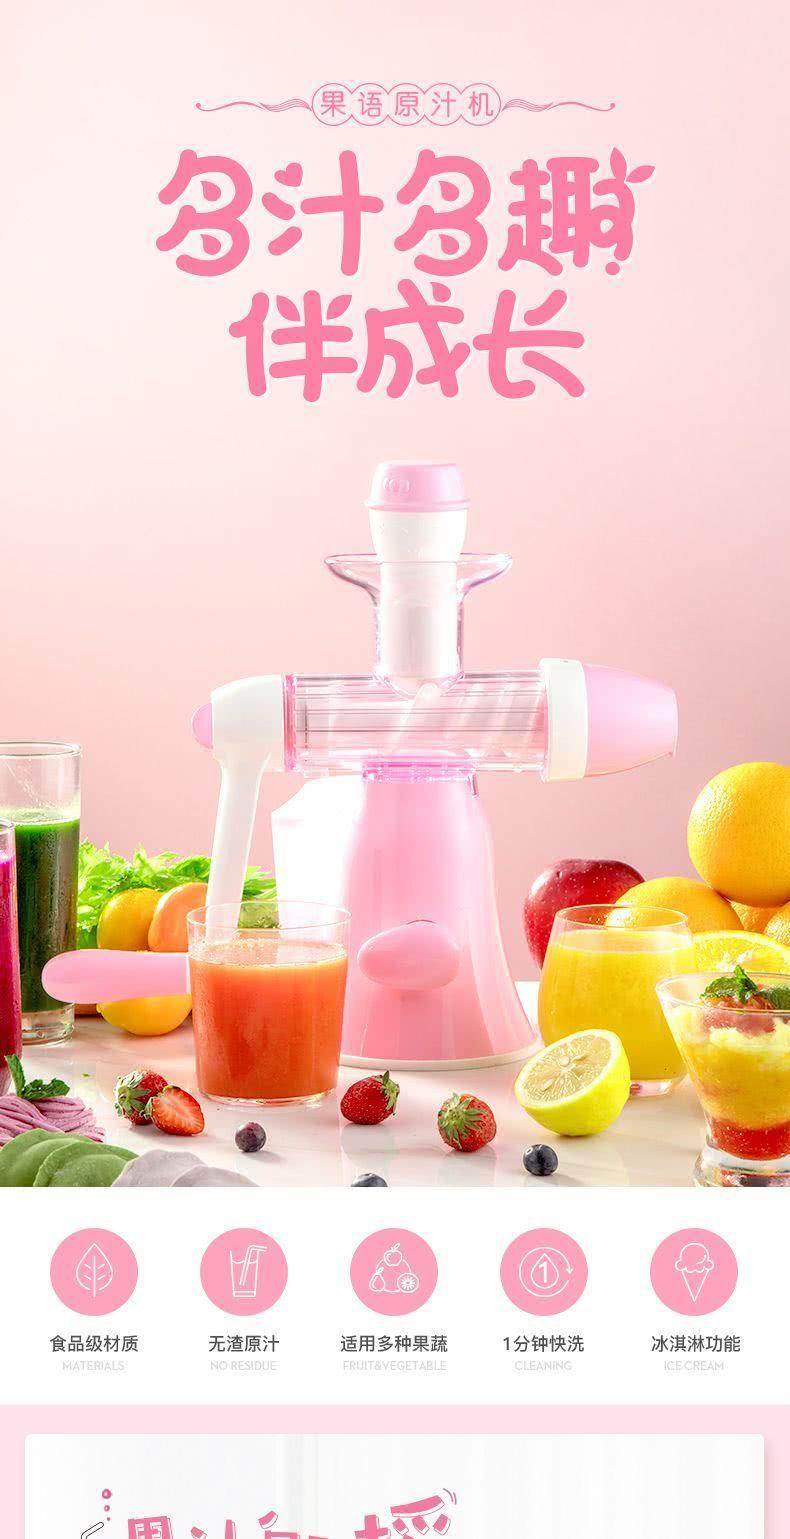 微商爆款果语原汁机——让孩子自制果汁冰淇淋 辣妈们代理创业的利器